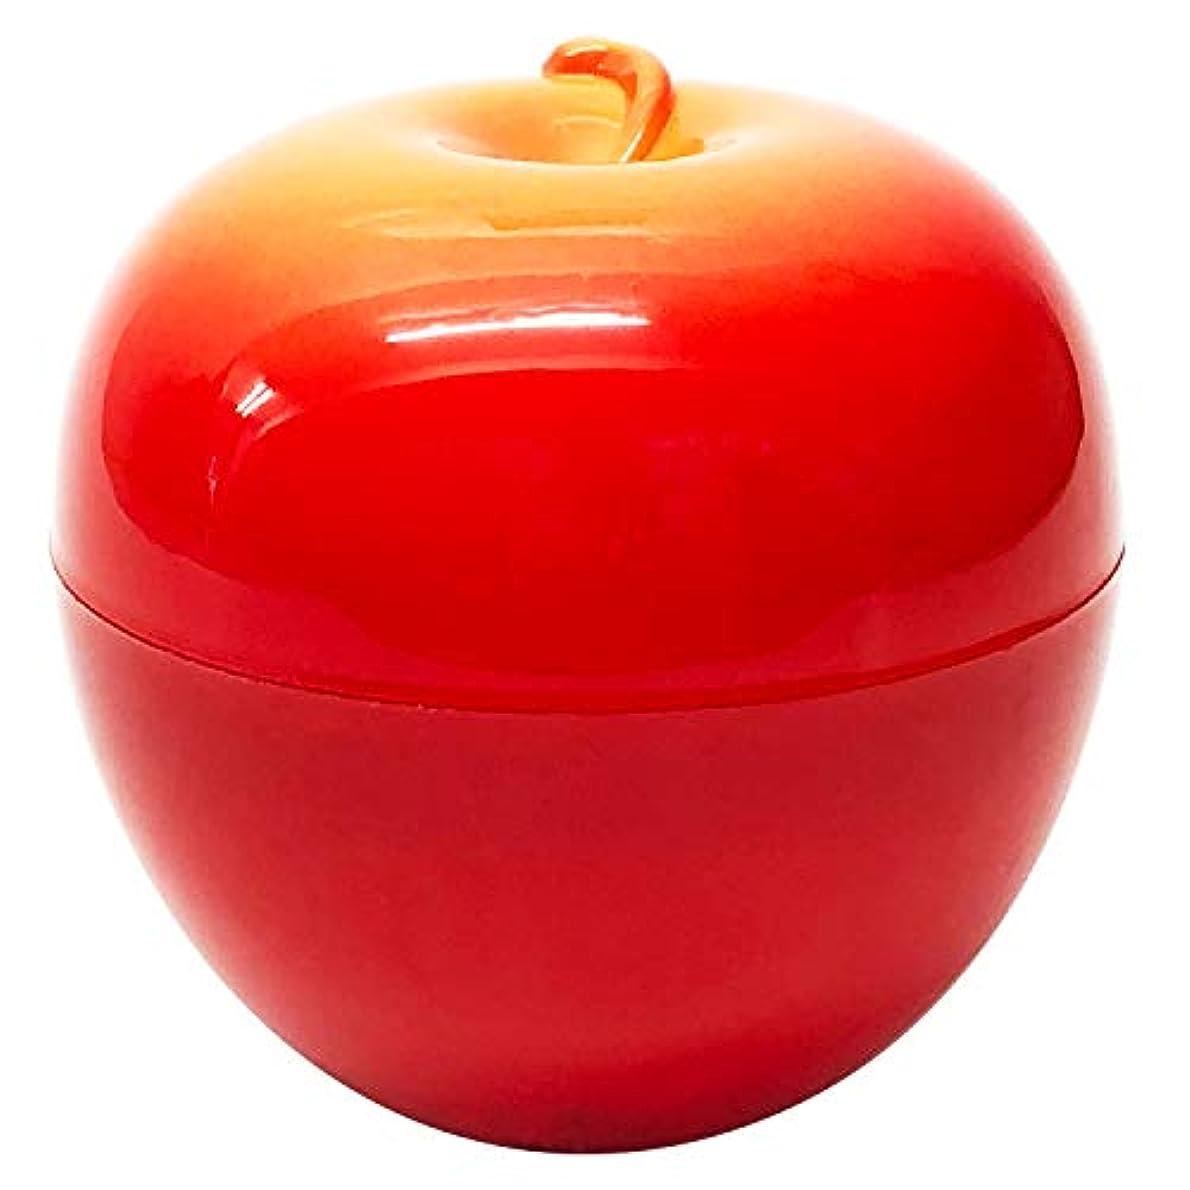 スカートカーフに同意するTokyoFruits(トウキョウフルーツ) 東京フルーツハンドクリーム&ltリンゴ> セット 30g×2個